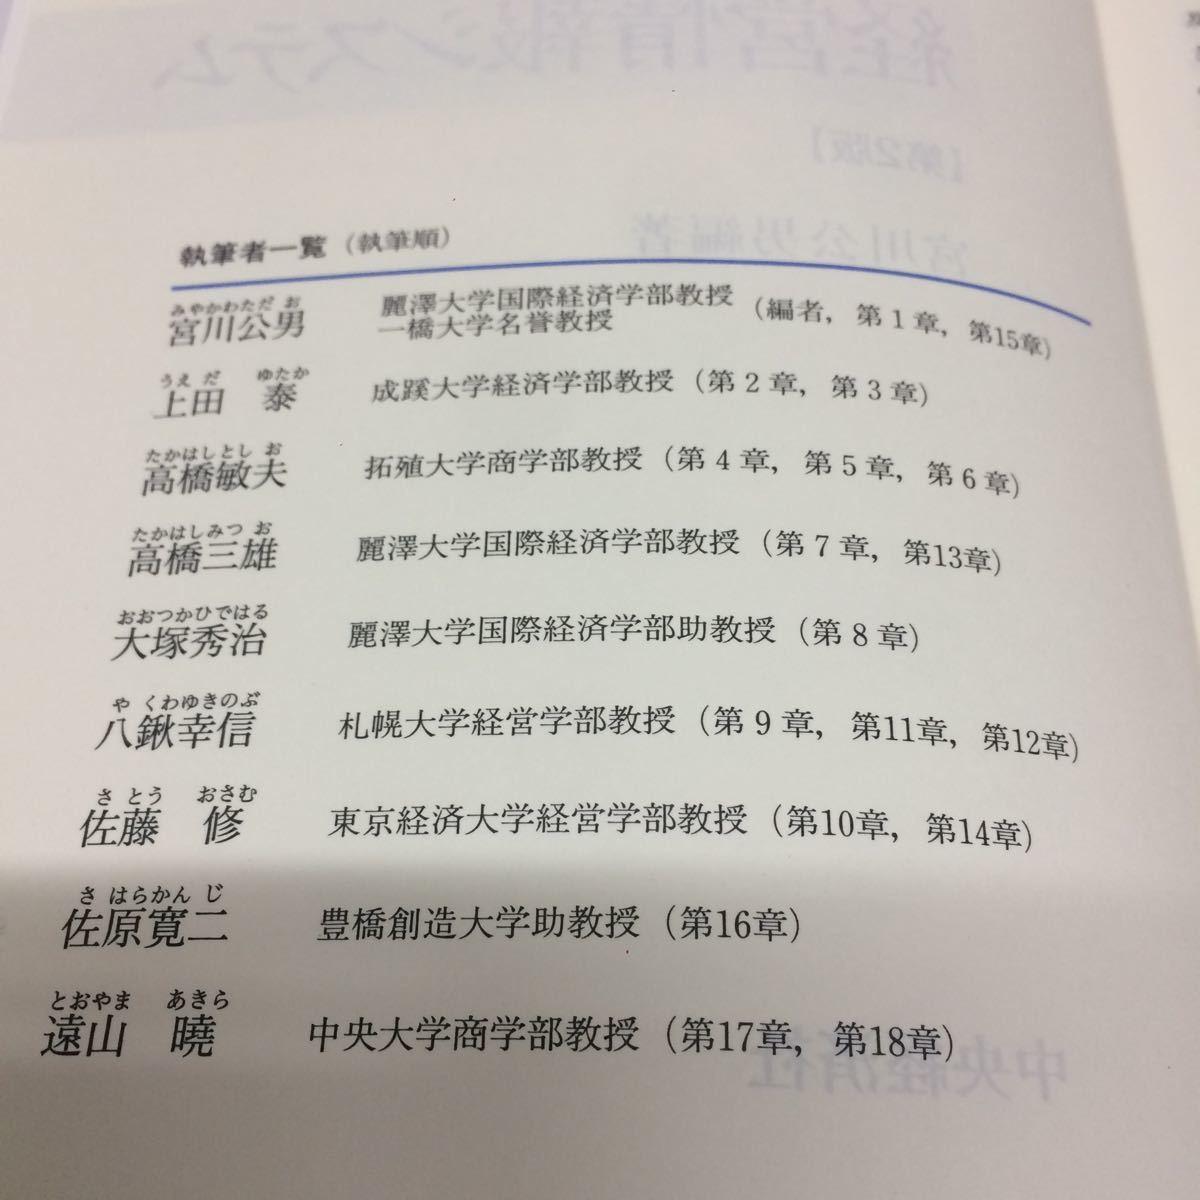 経営情報システム 【第2版】 宮川公男